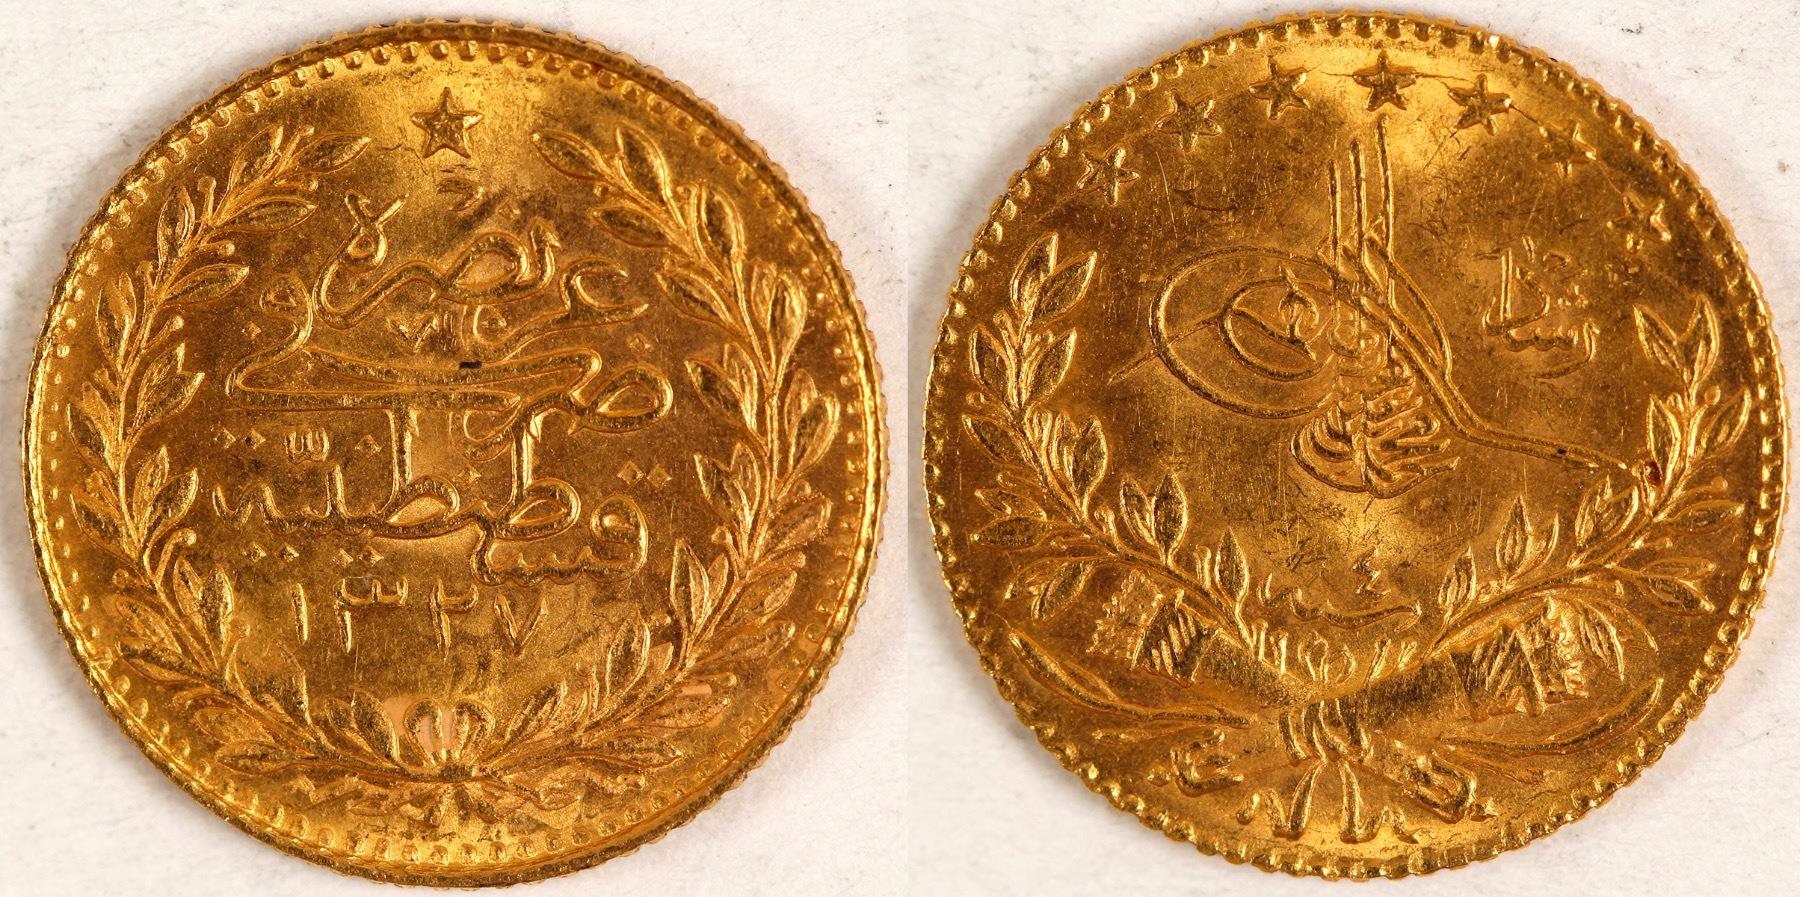 25 kurush gold coin